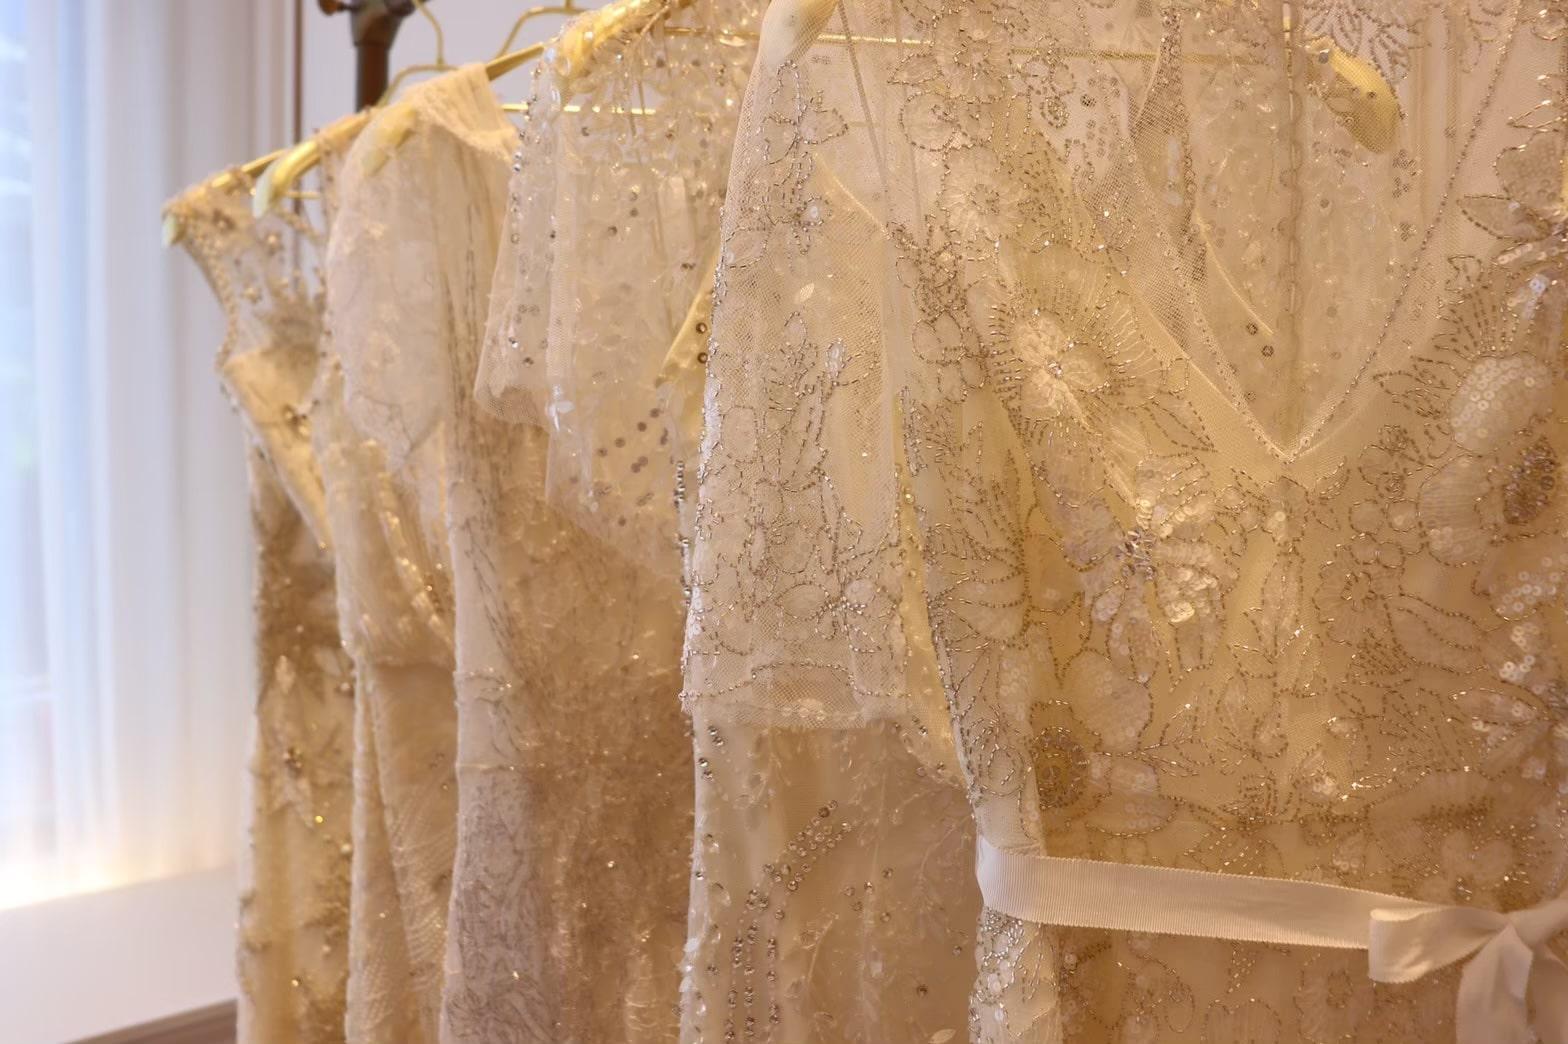 ザトリートドレッシング名古屋店がおすすめしたいJenny Packhamのウェディングドレス